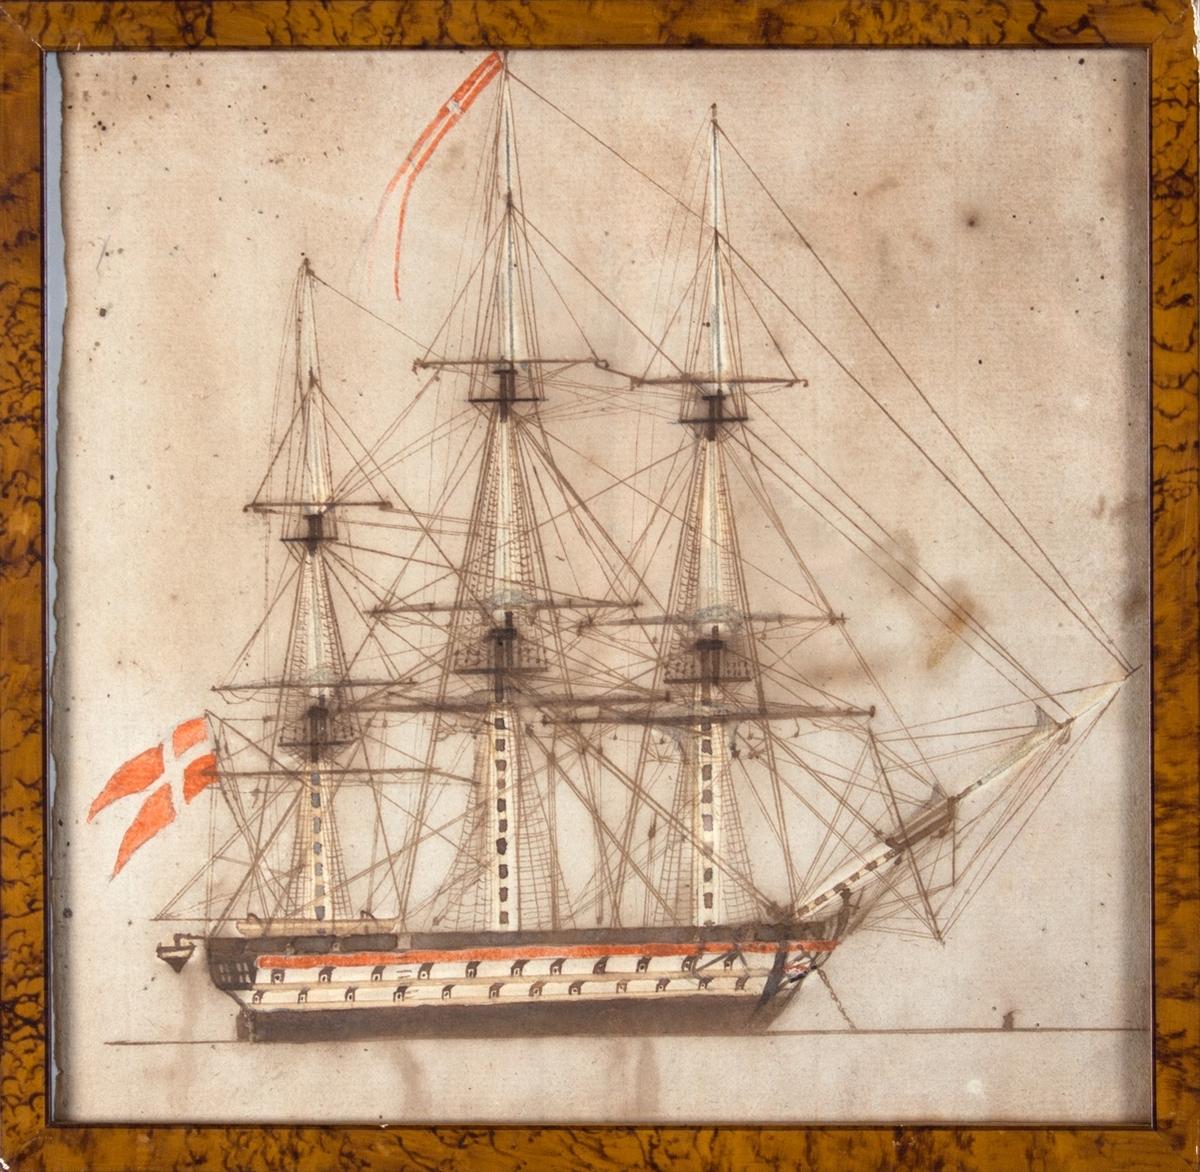 Fullrigger uten navn. Dansk flagg uten kongeinitialer. Skipet er utstyrt med kanoner og en gallionsfigur som holder en stang (ol.) i sin ene hånd.